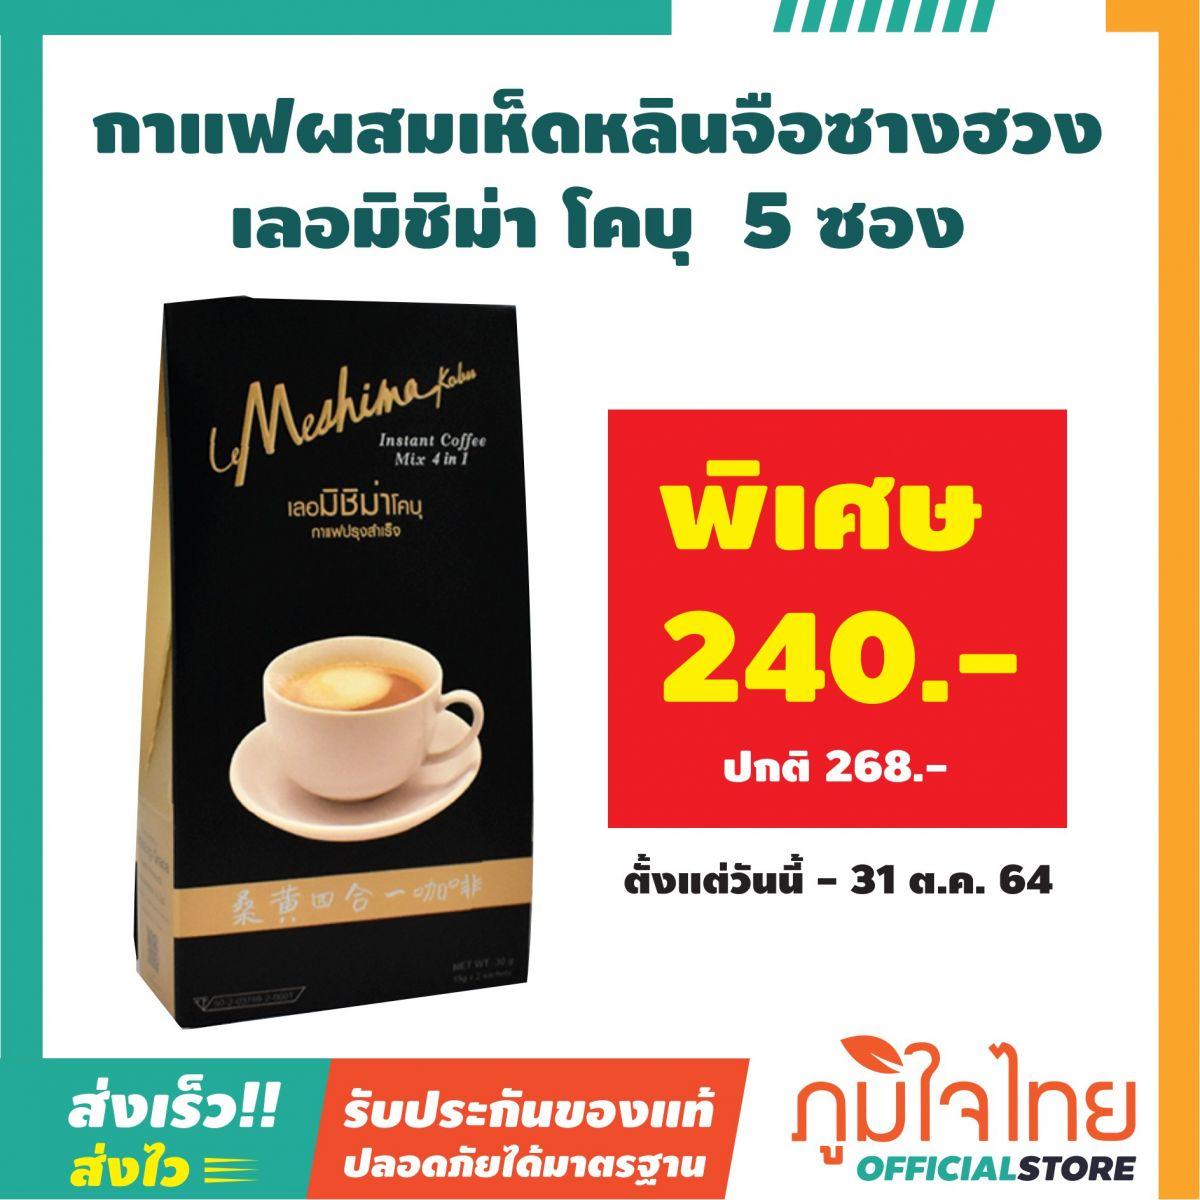 กาแฟผสมเห็ดหลินจือซางฮวง 15กรัม 5ซอง เลอมิชิม่า โคบุ